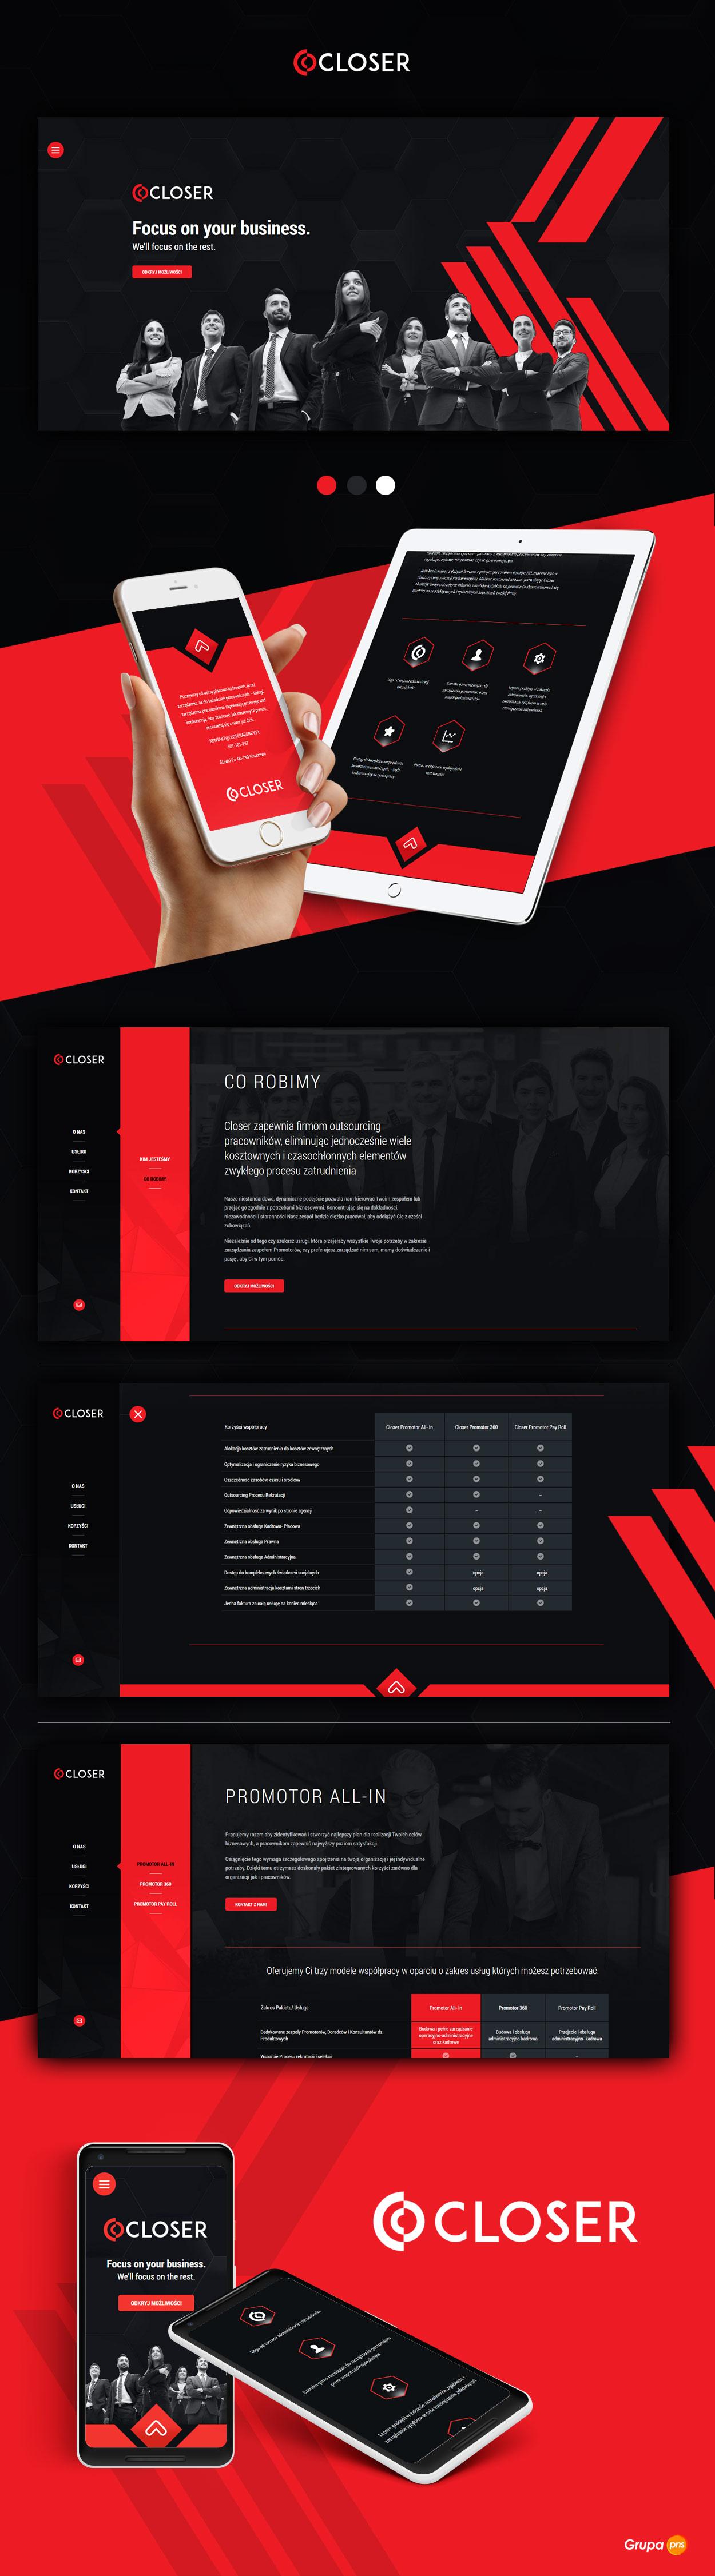 projektowanie-stron-www-dla-firmy-closer